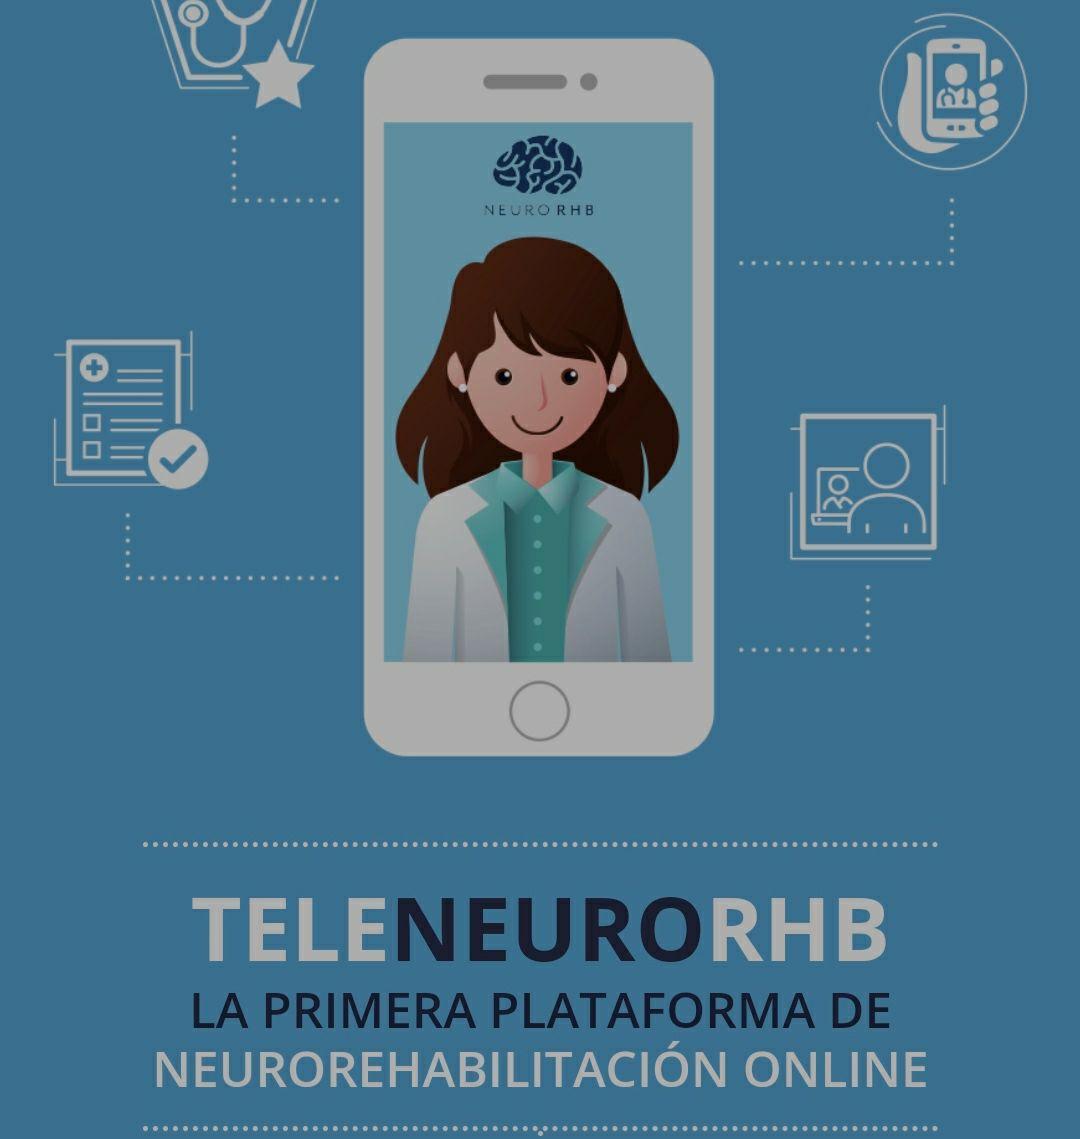 Neuro-rehabilitación 'online' gratuita para gente que ha sufrido un ictus en pandemia